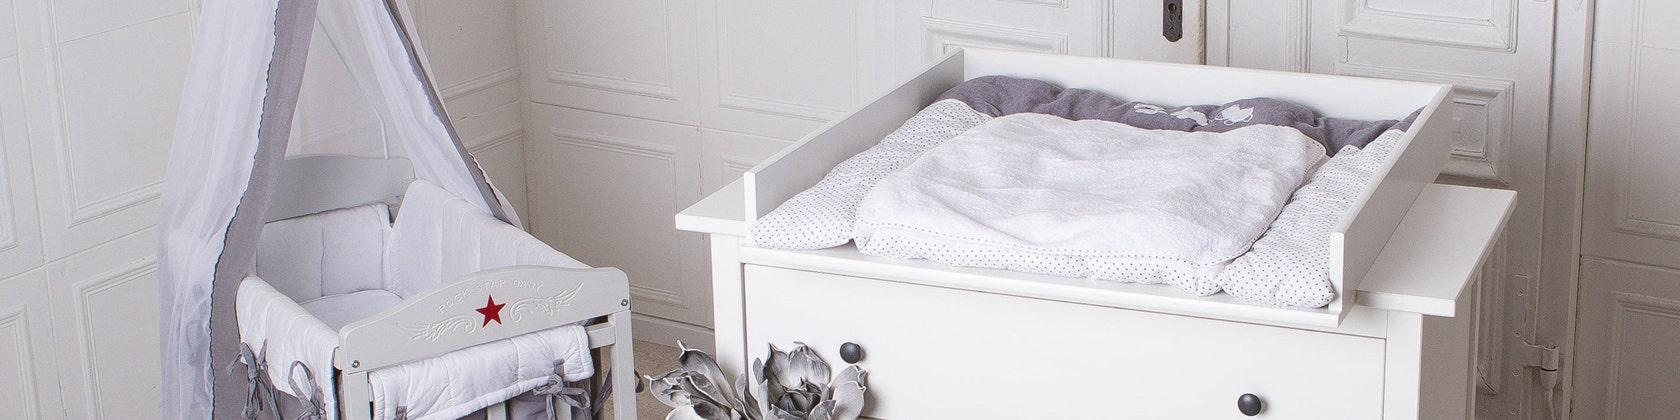 mache deine ikea kommode zum perfekten wickeltisch von puckdaddy88. Black Bedroom Furniture Sets. Home Design Ideas